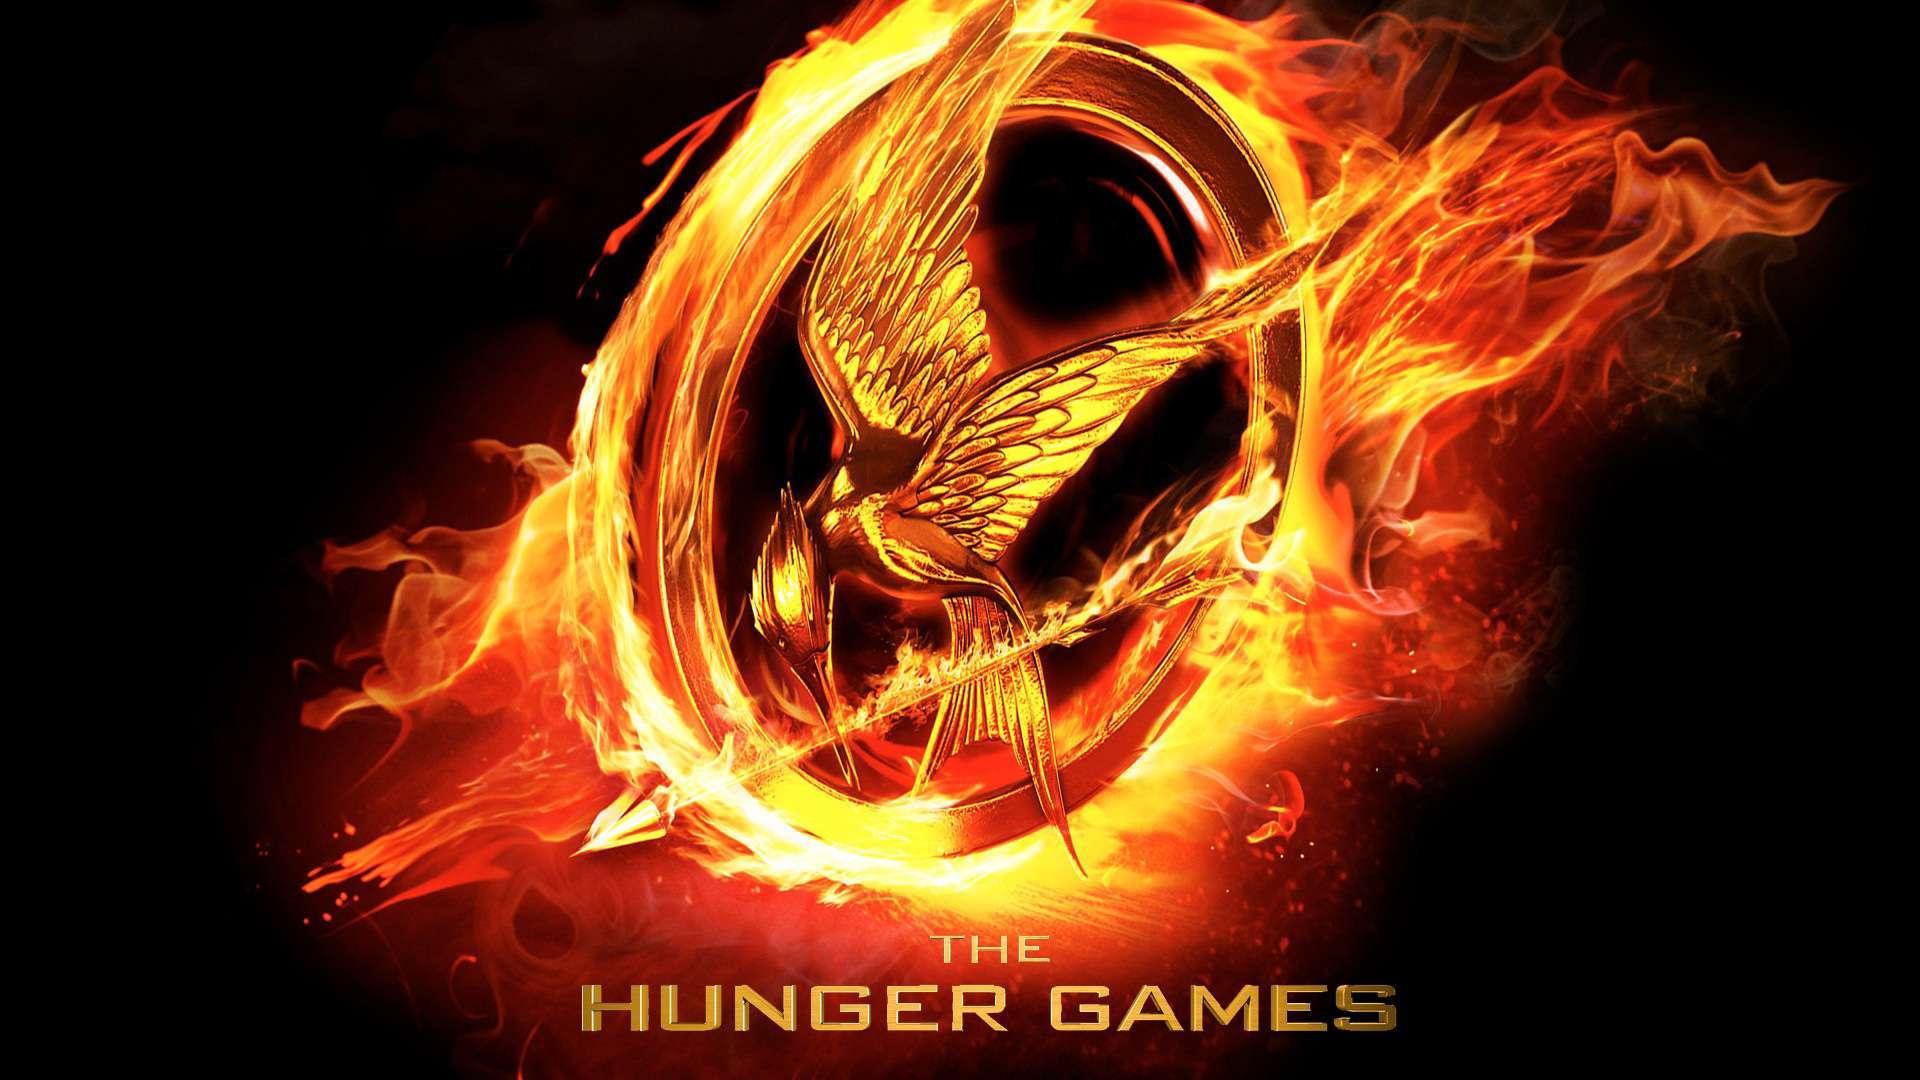 comwp contentuploads201303 The Hunger Games Wallpaper HDjpg 1920x1080